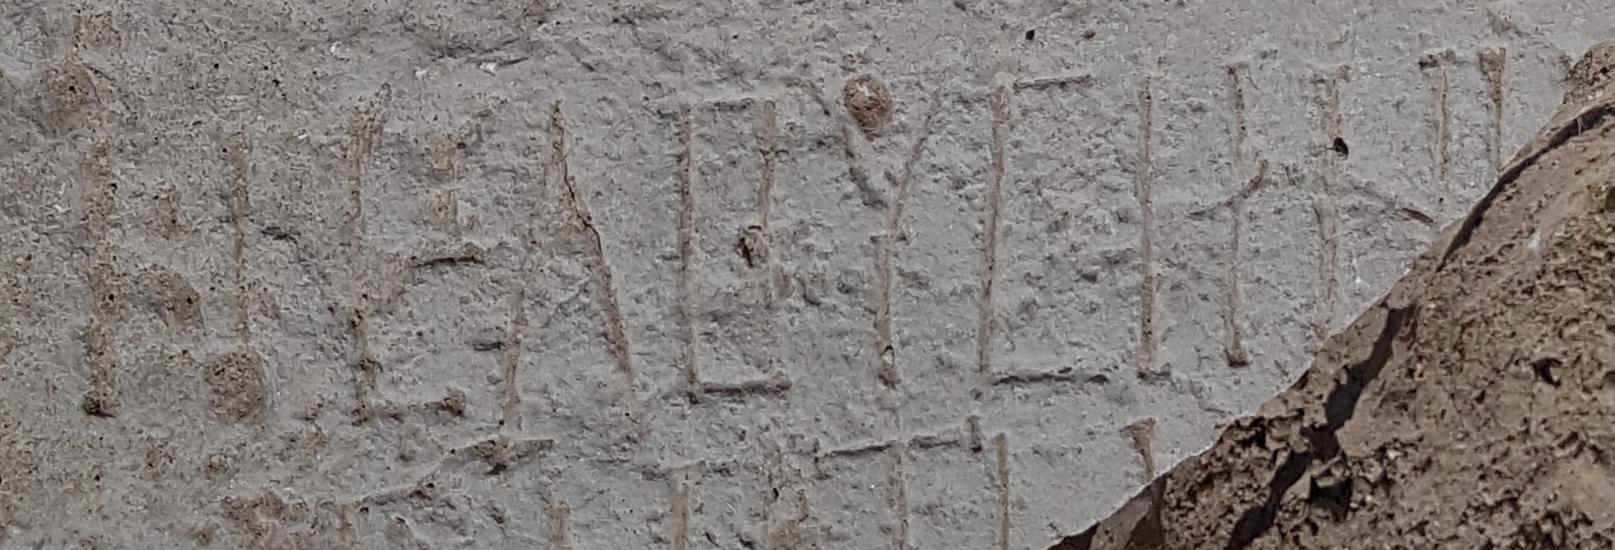 הכתובת שנחשפה באתר, הנושאת את השם חלוצה. צילום: טלי גיני